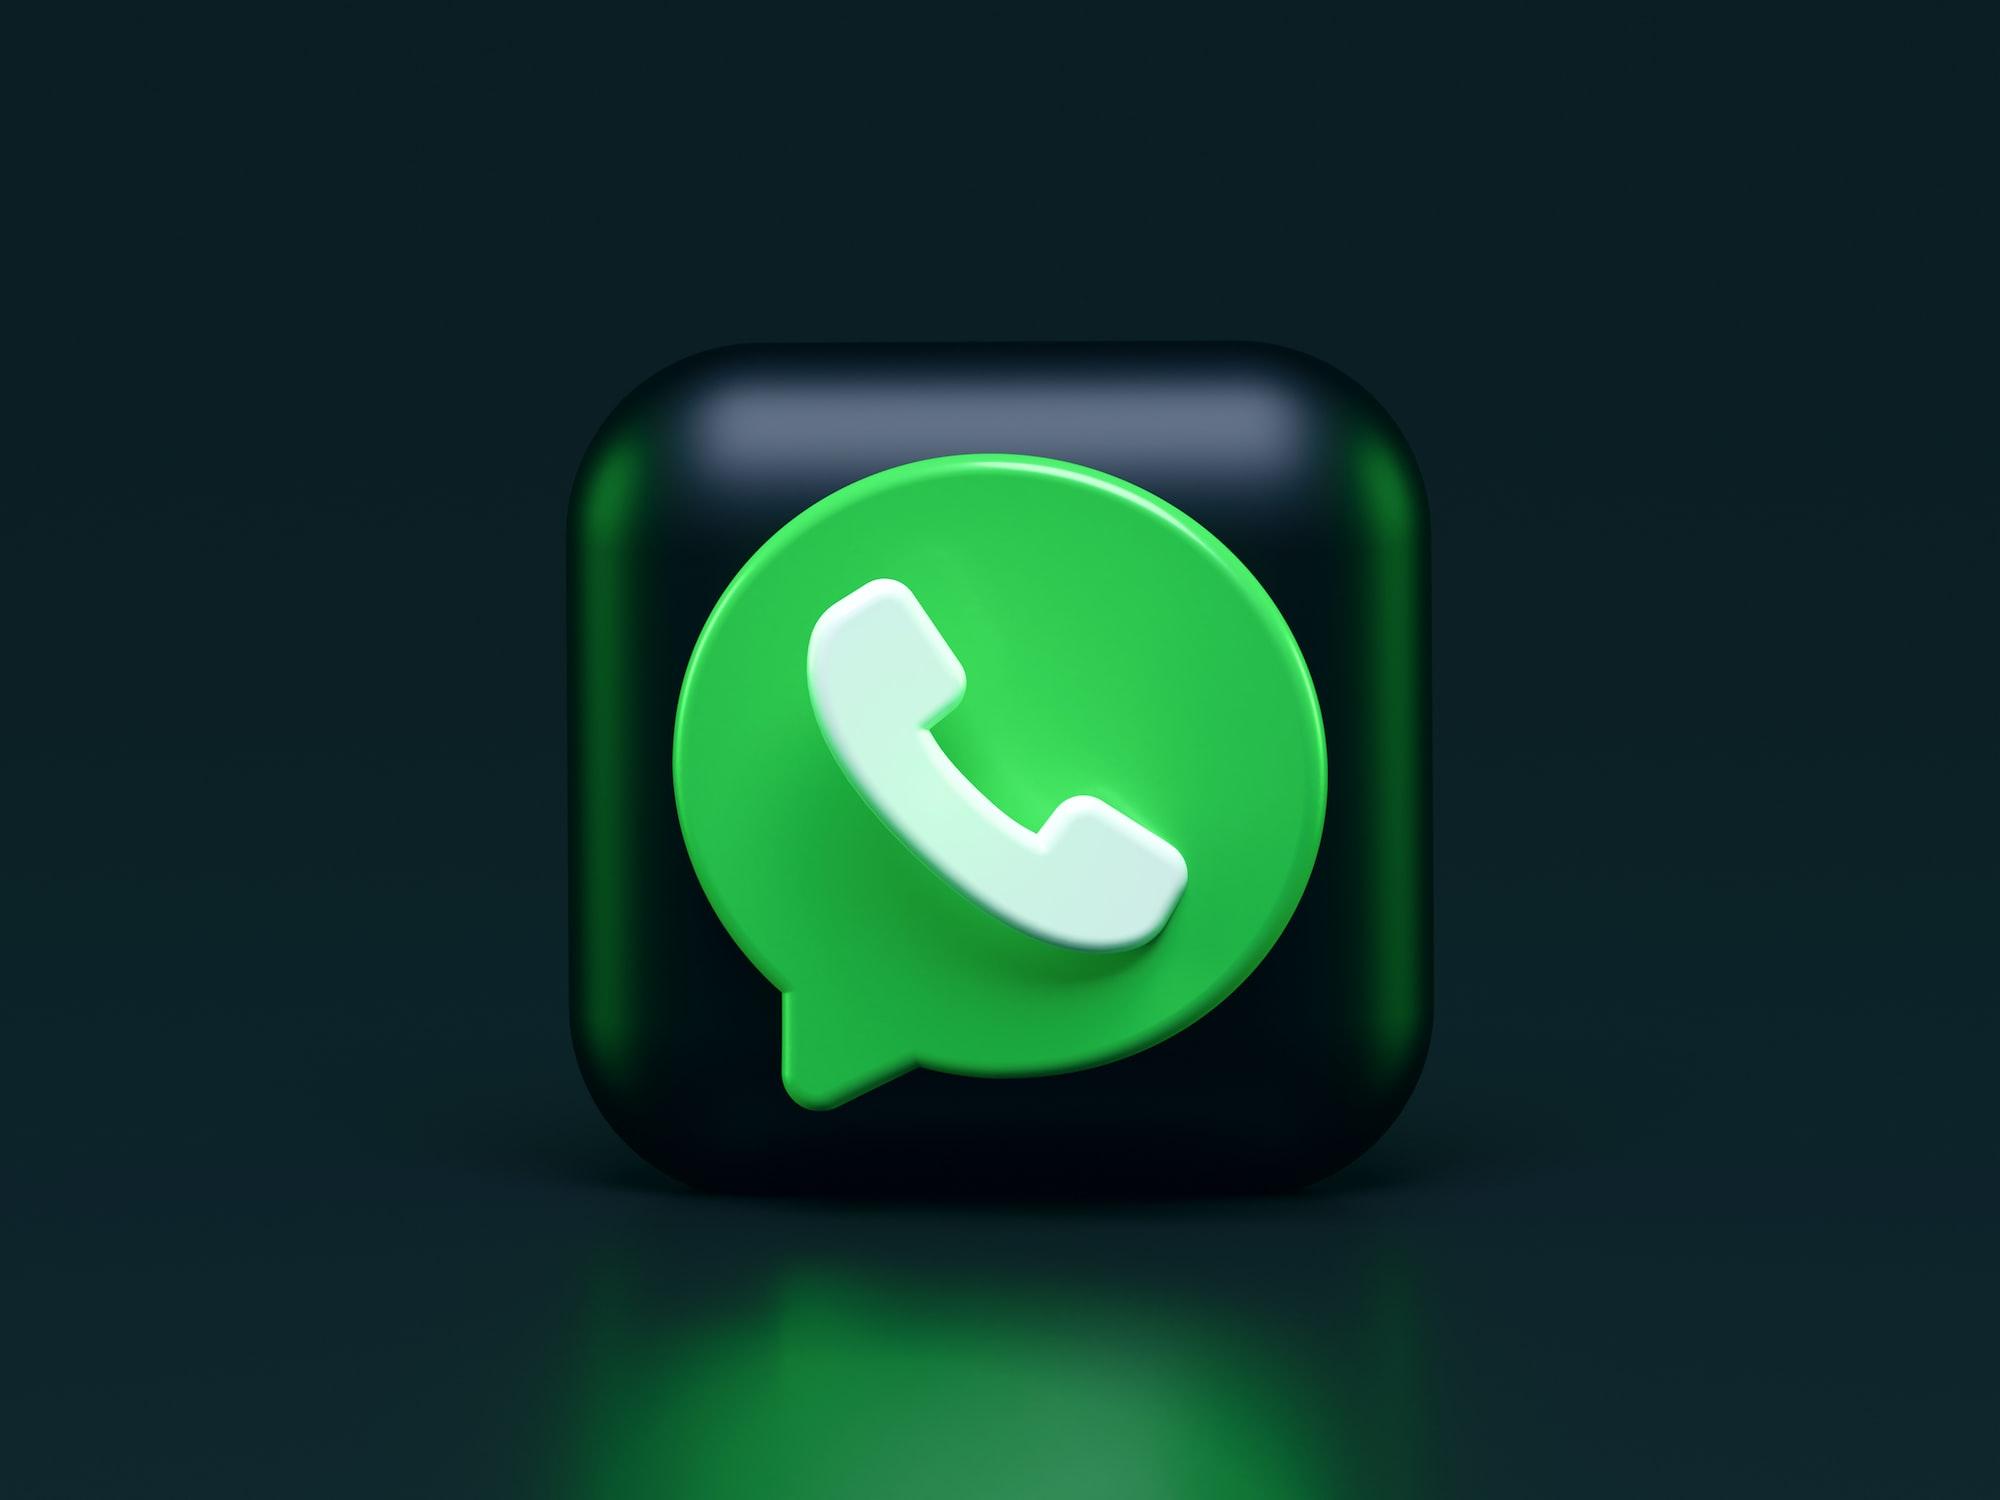 WhatsApp внедряет поддержку нескольких устройств, намекая на появление приложения для iPad